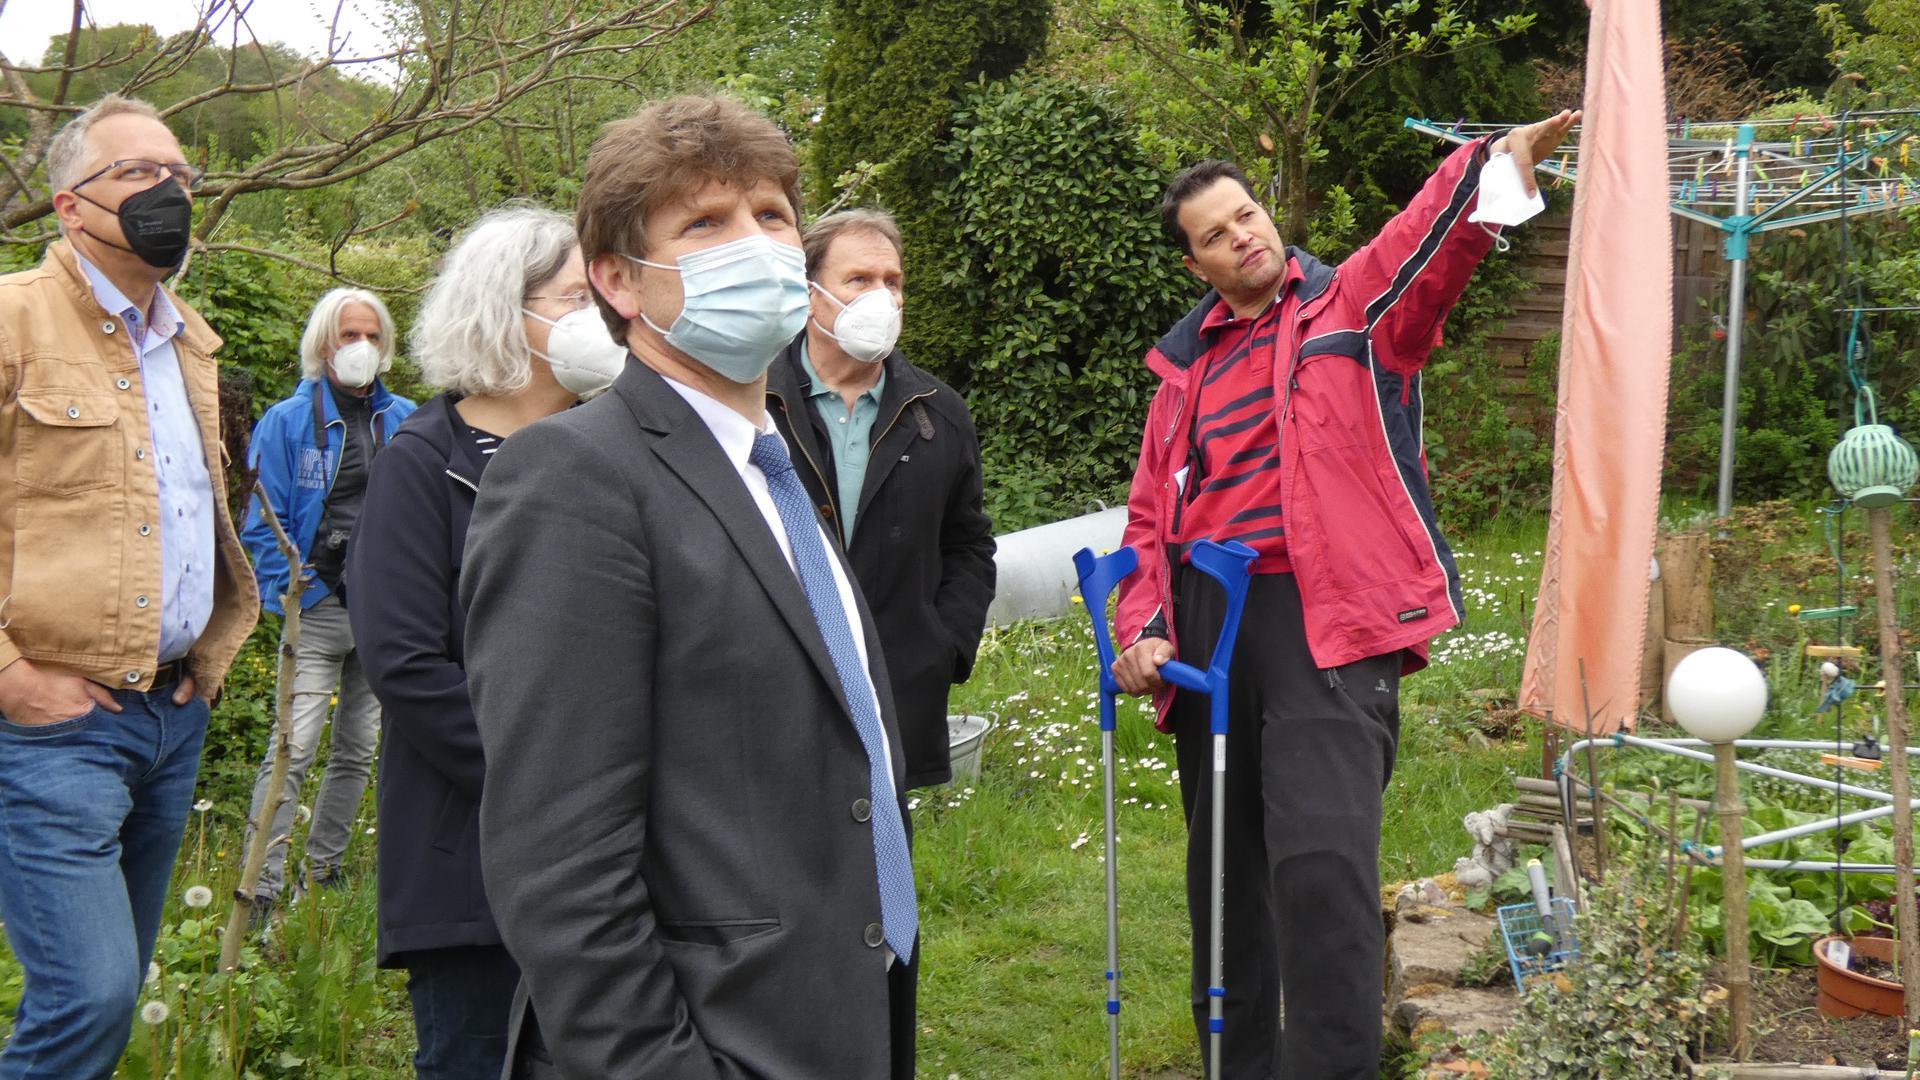 Personen: Aaron Treut ganz rechts, Bürgermeister Michael Nöldner im Vordergrund. Ort: In den privaten Gärten nördlich der Bahnlinie im Bereich Hinterdorfstraße.